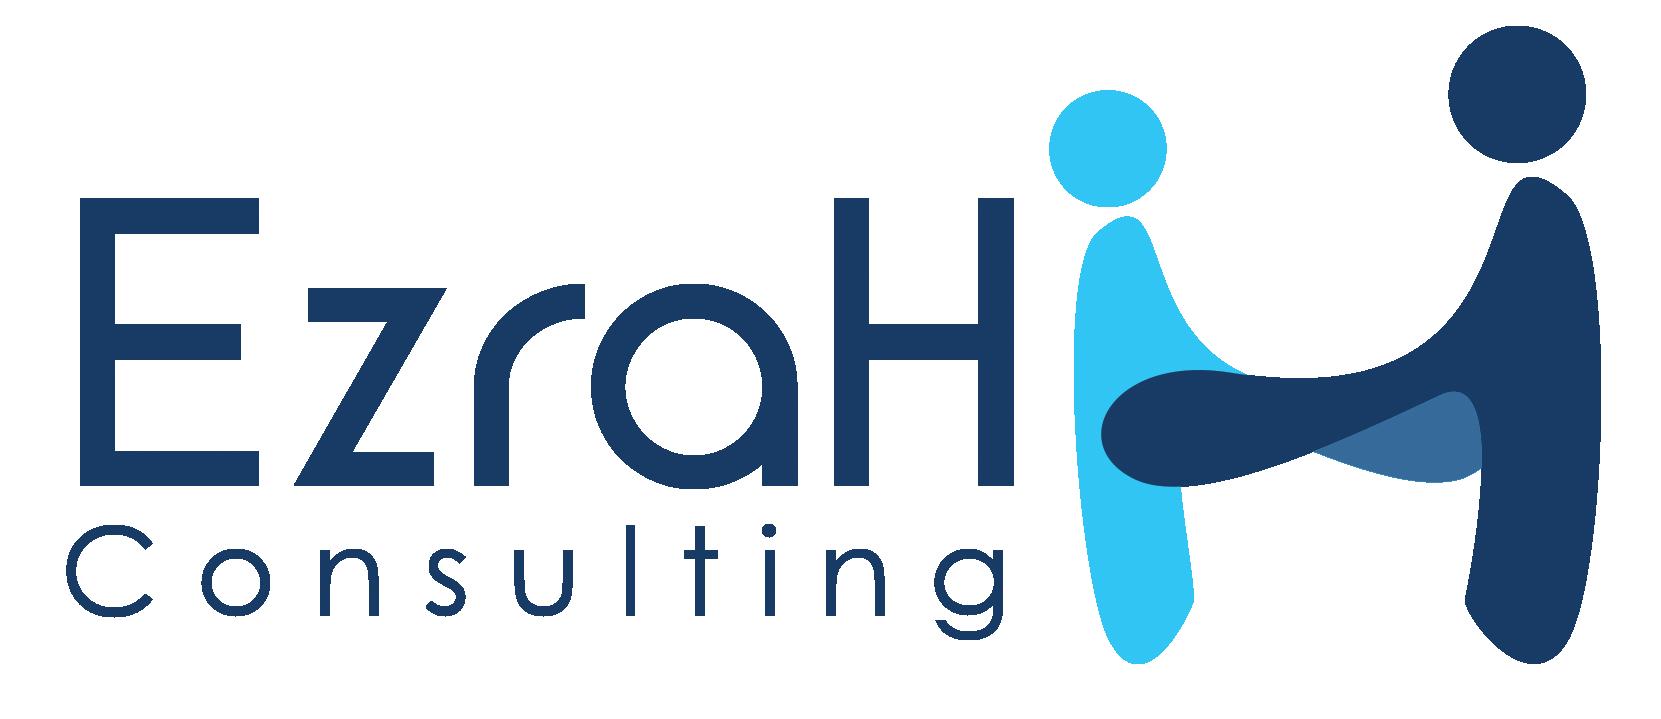 Ezrah Consulting